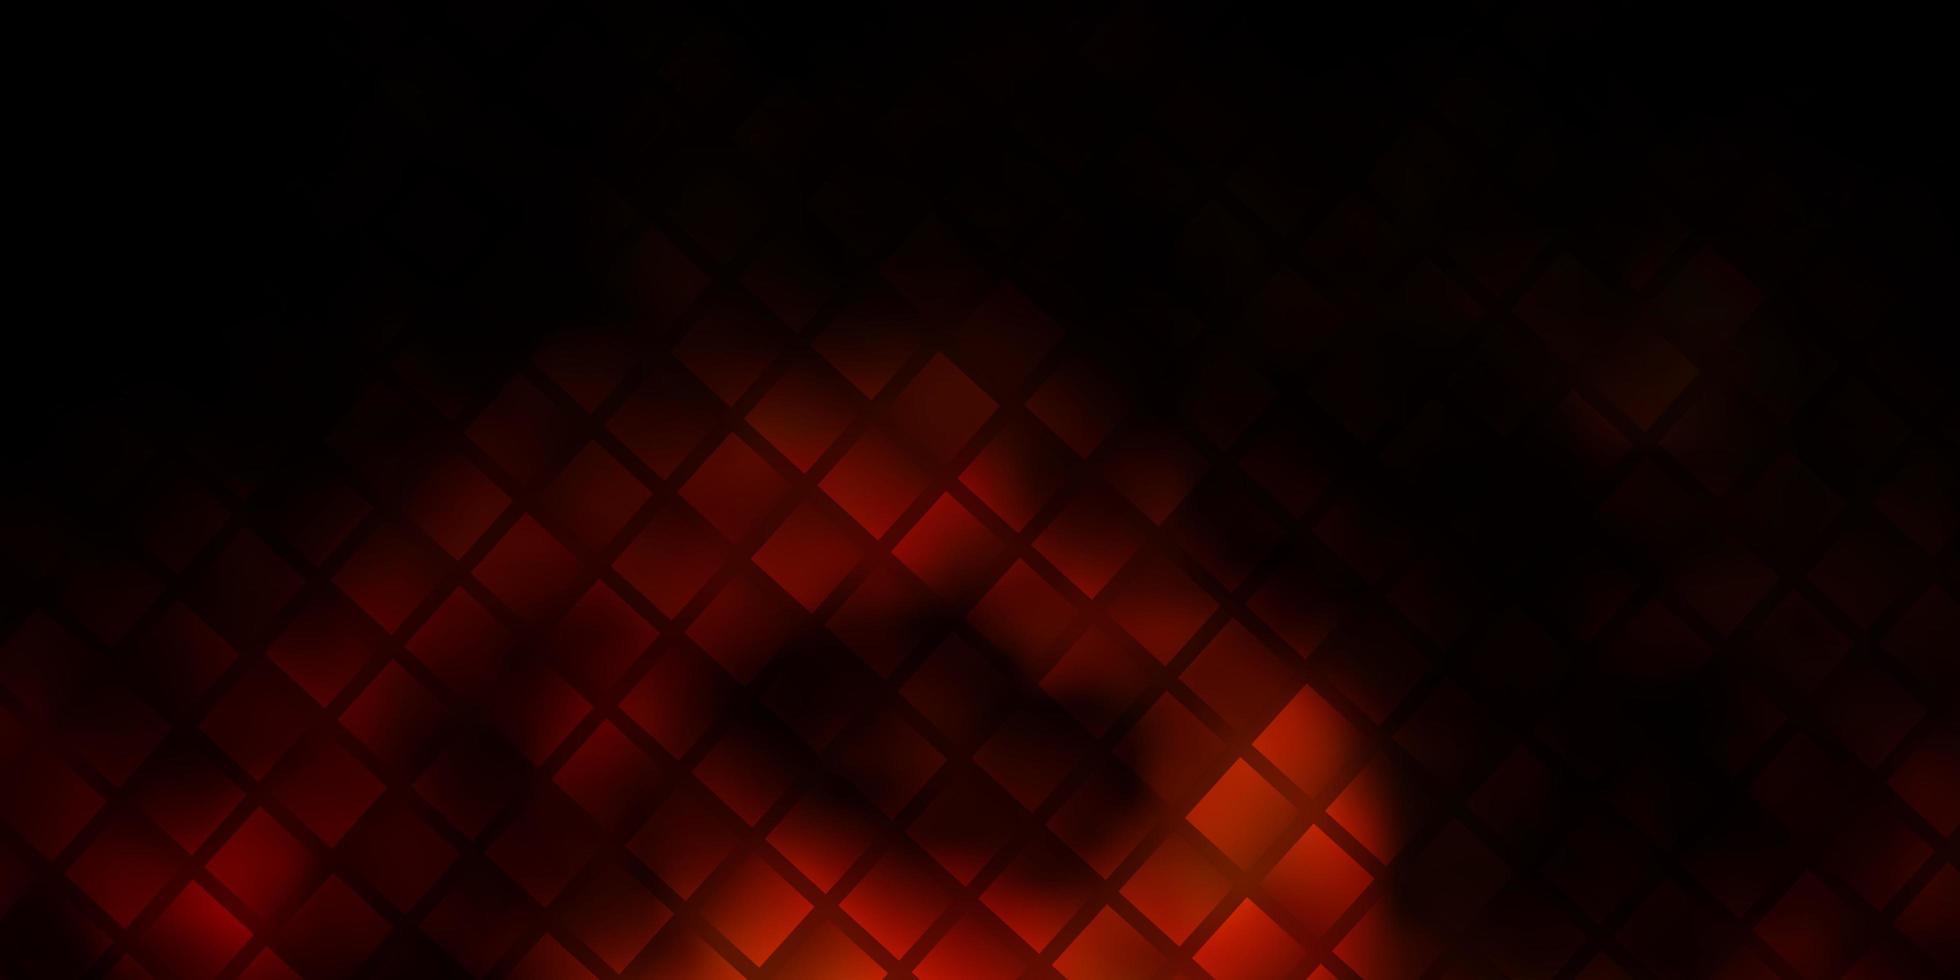 dunkelroter Hintergrund mit Rechtecken. vektor